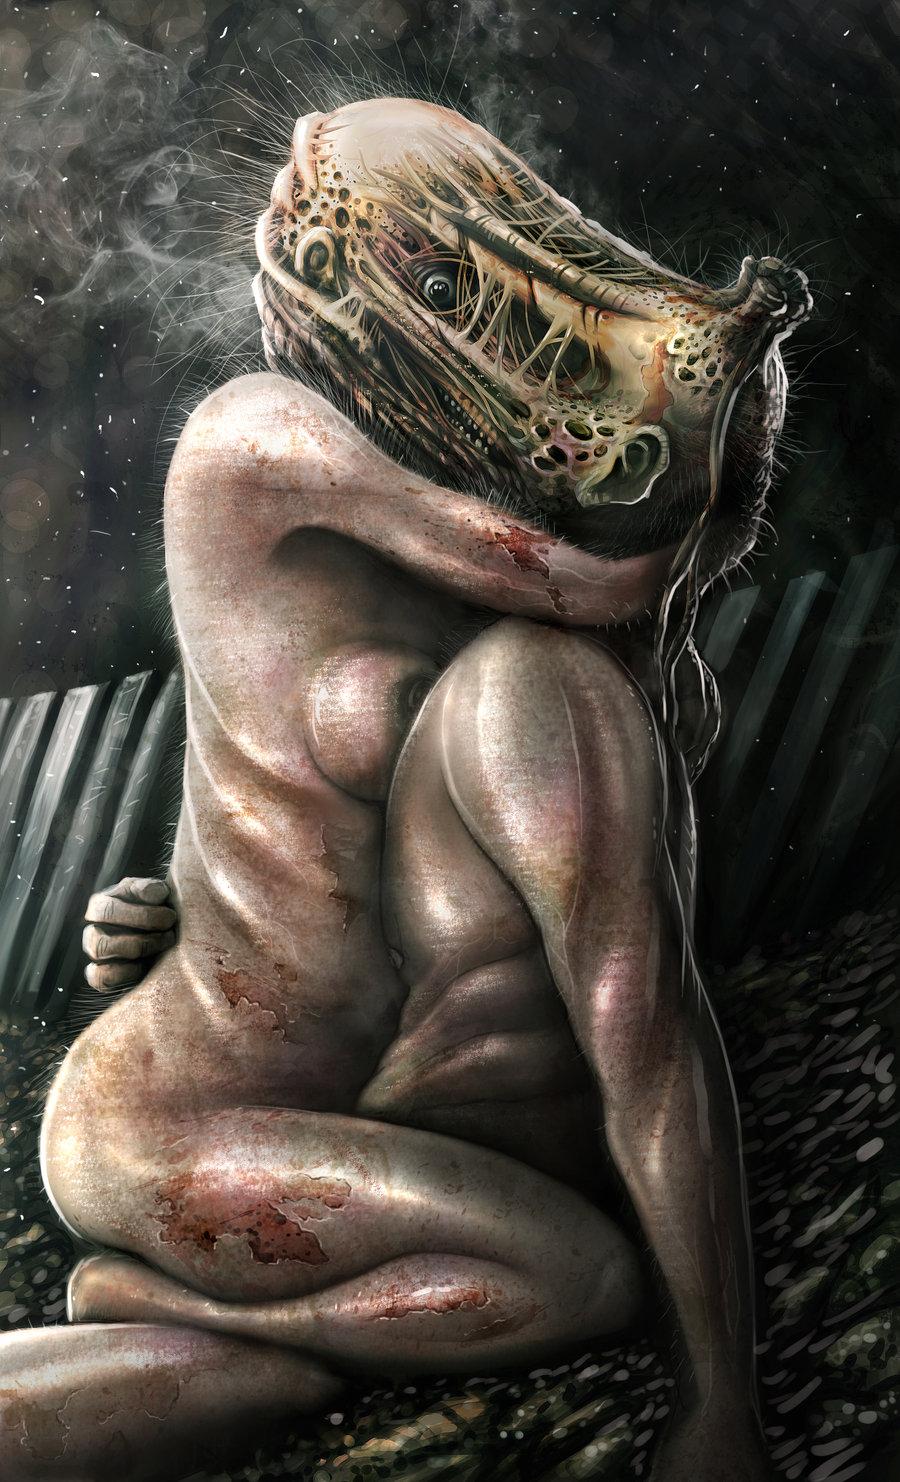 La mas sexy del mundo - 1 4